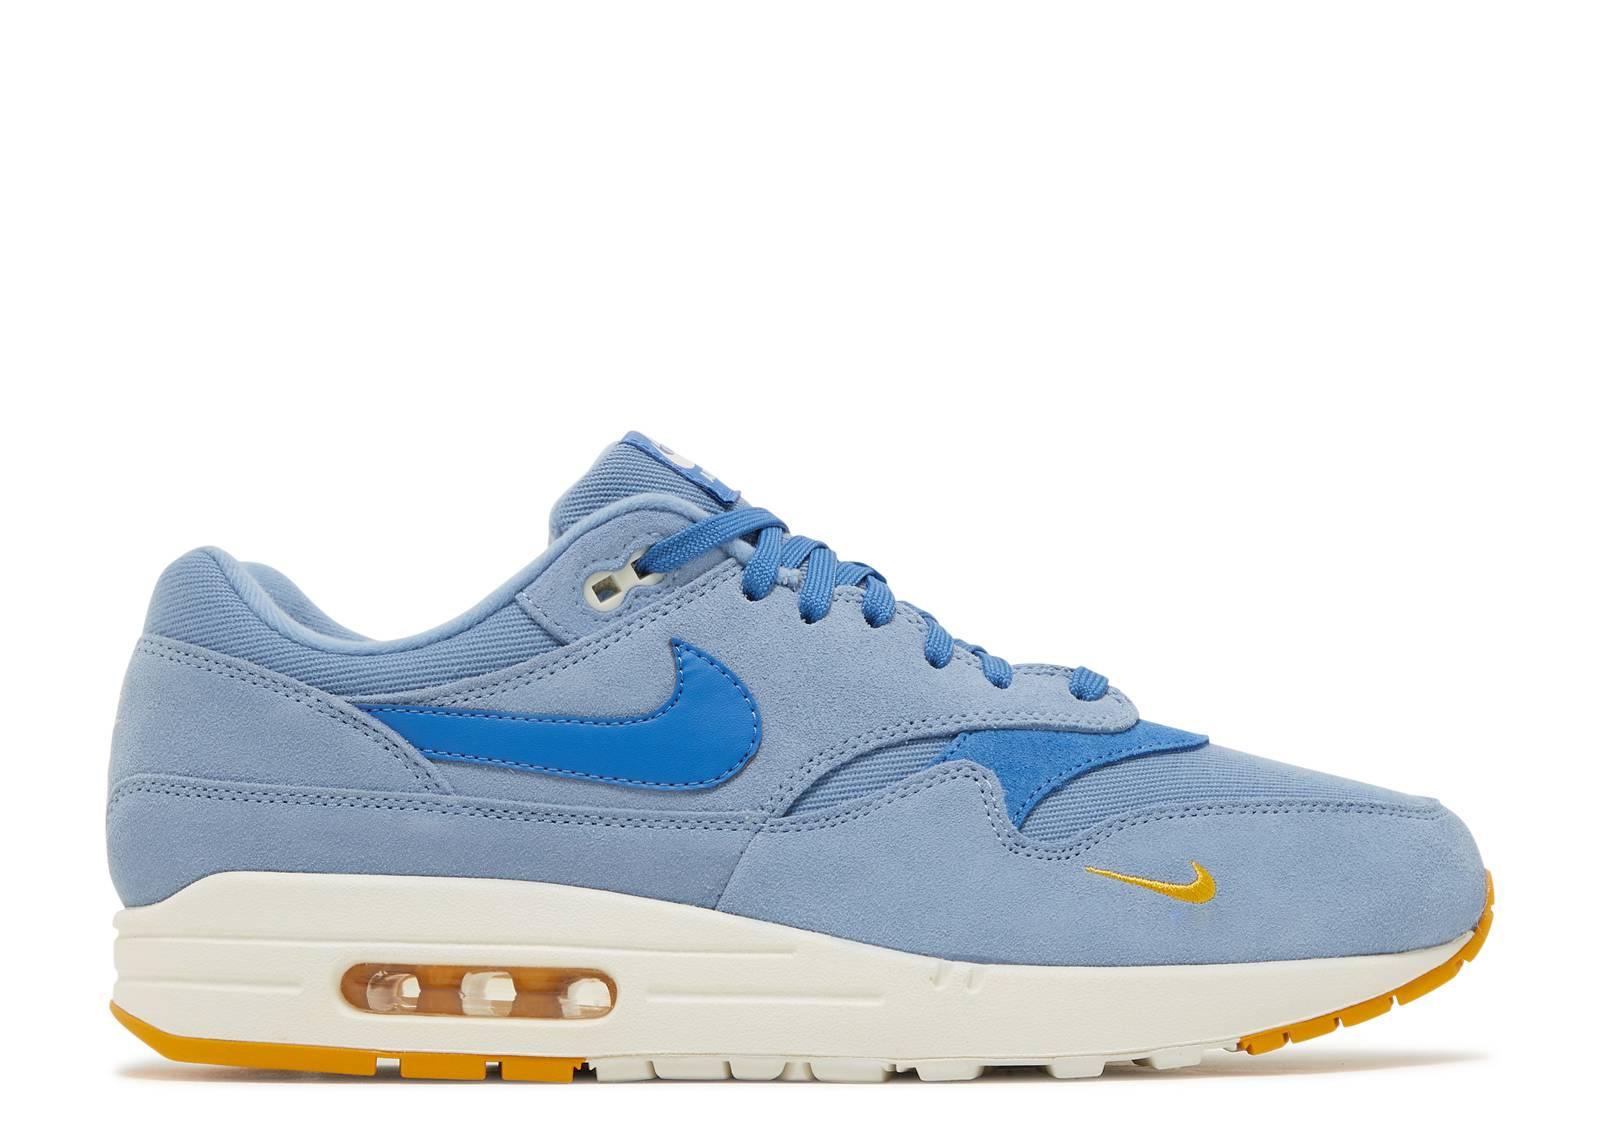 Nike Air Max 1 Premium Work Blue Mountain Blue | Footshop